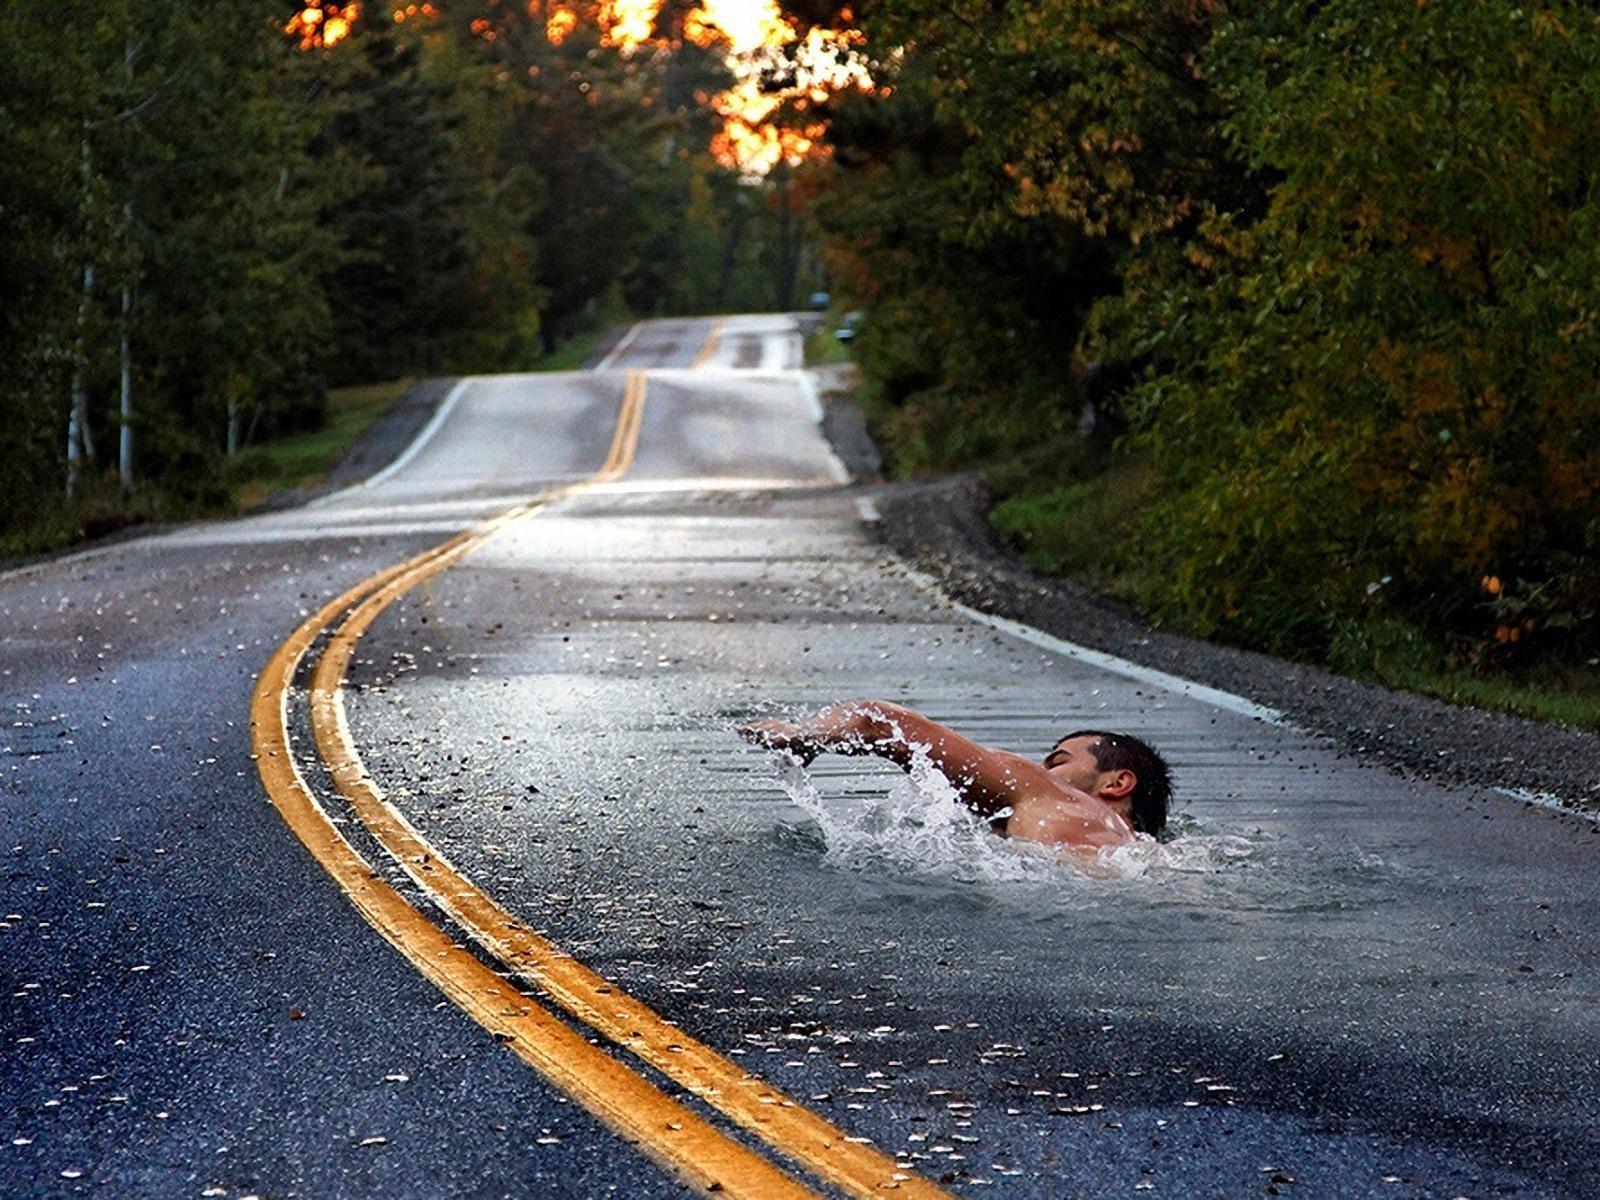 дорога, шоссе, вода, пловец, иллюзия, фотошоп, скачать фото, обои на рабочий стол